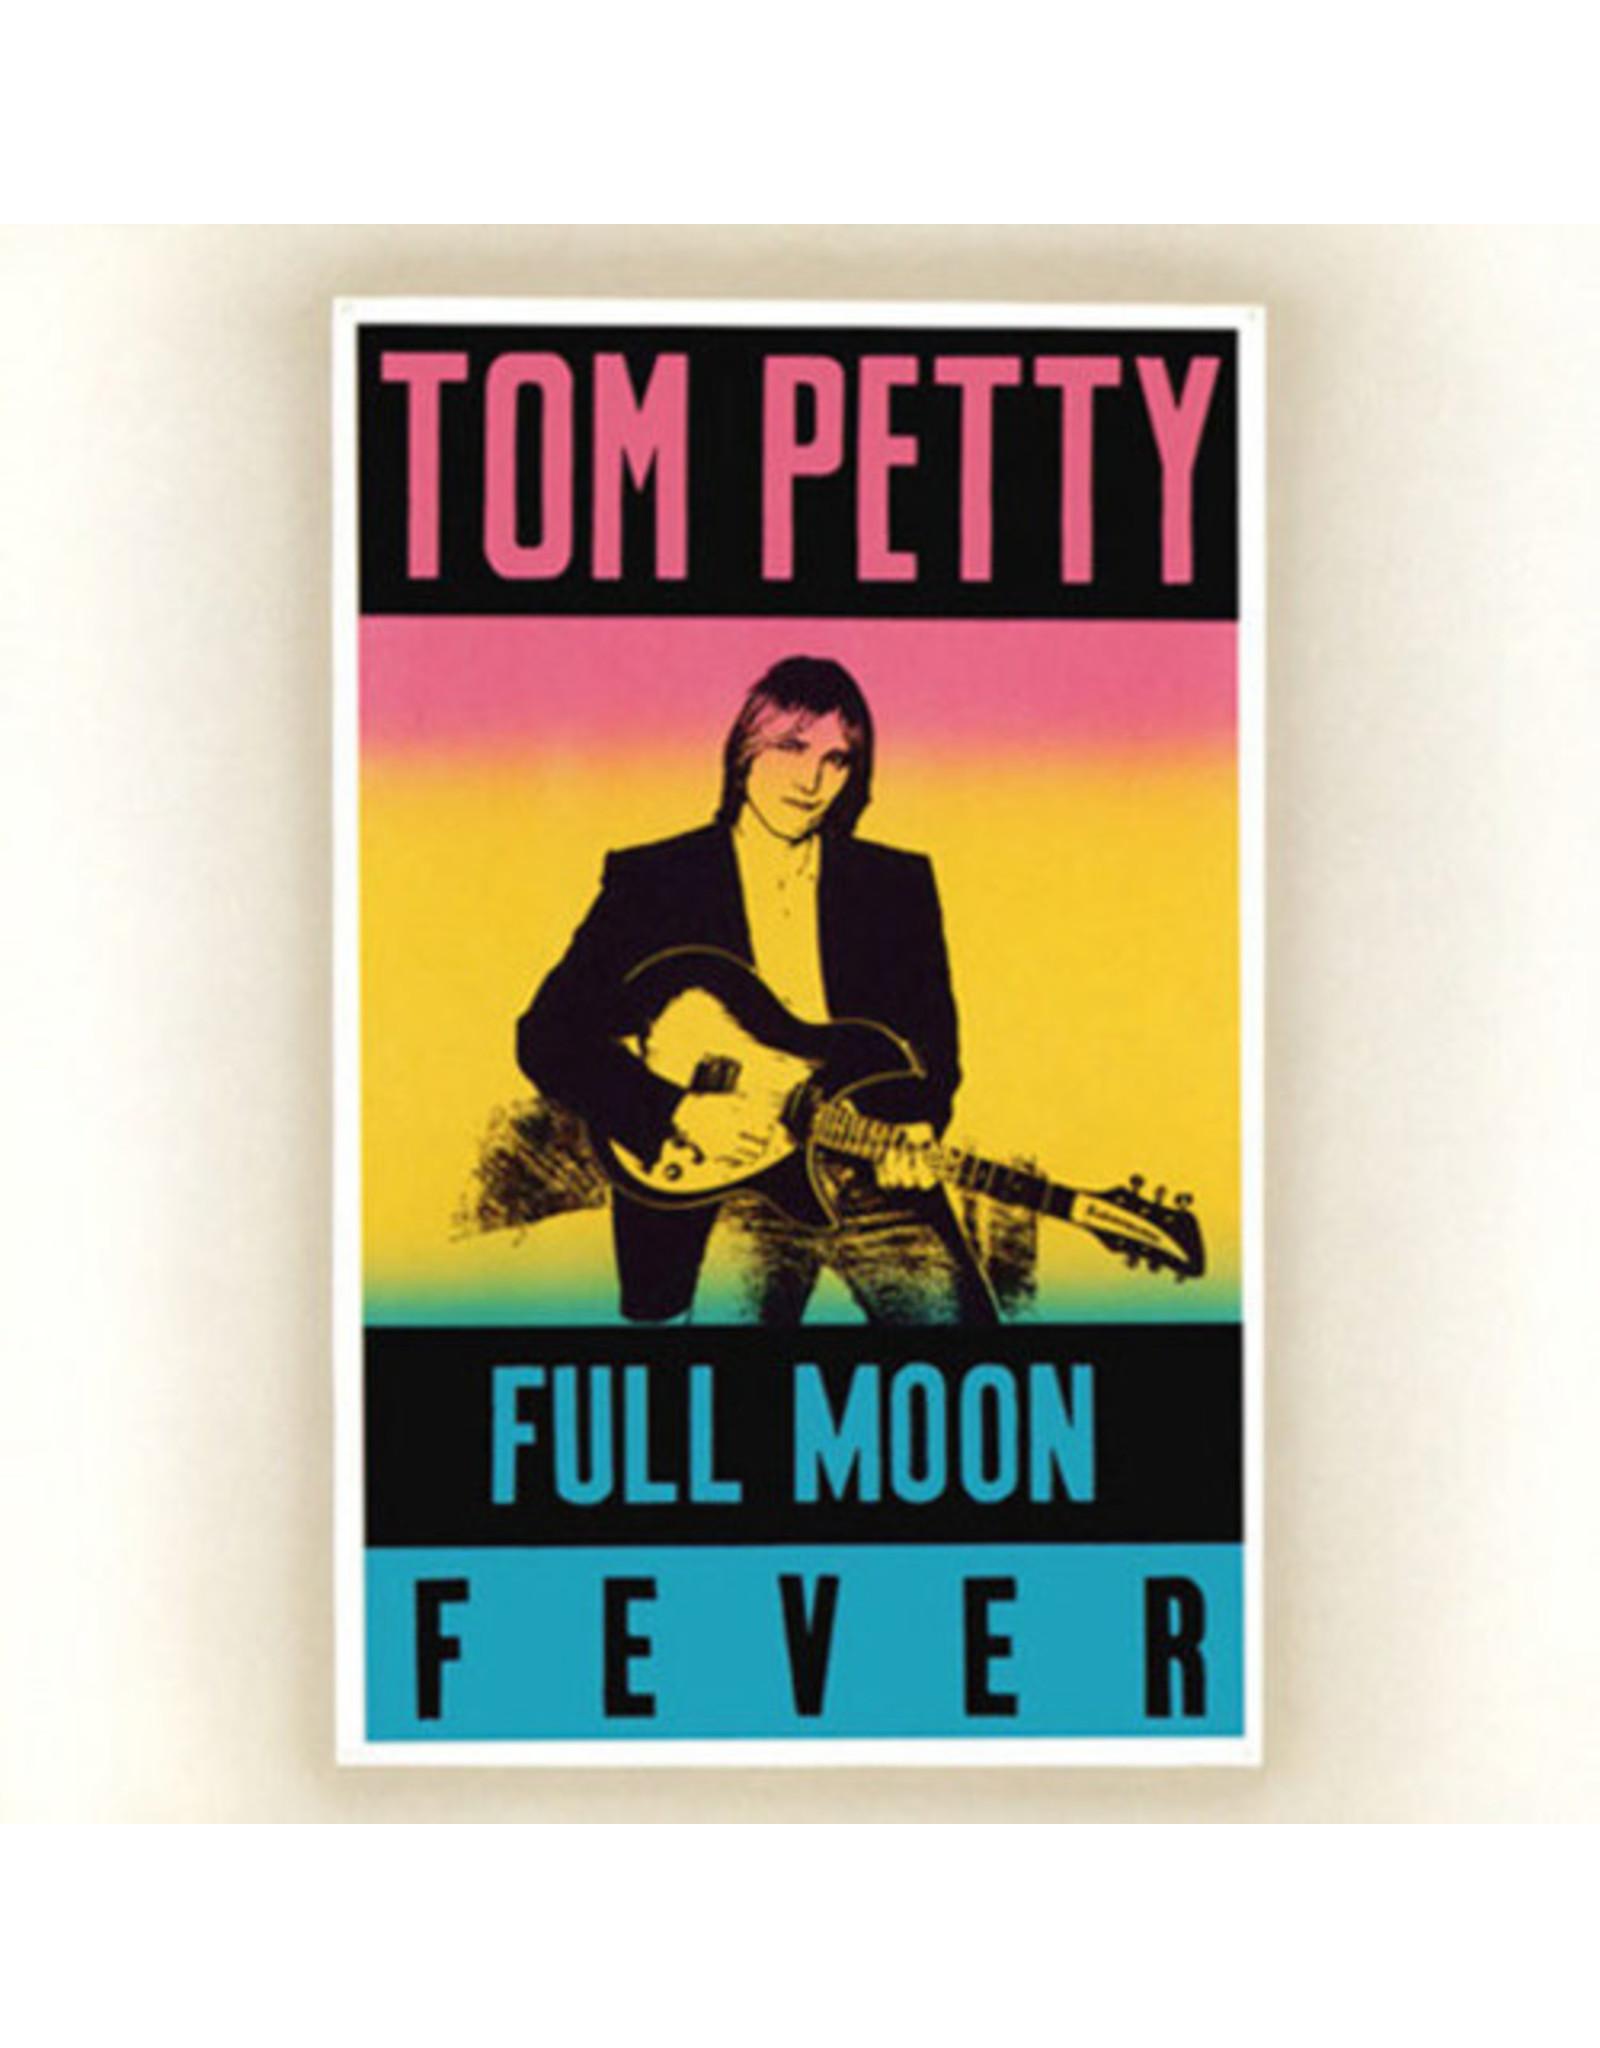 New Vinyl Tom Petty - Full Moon Fever LP